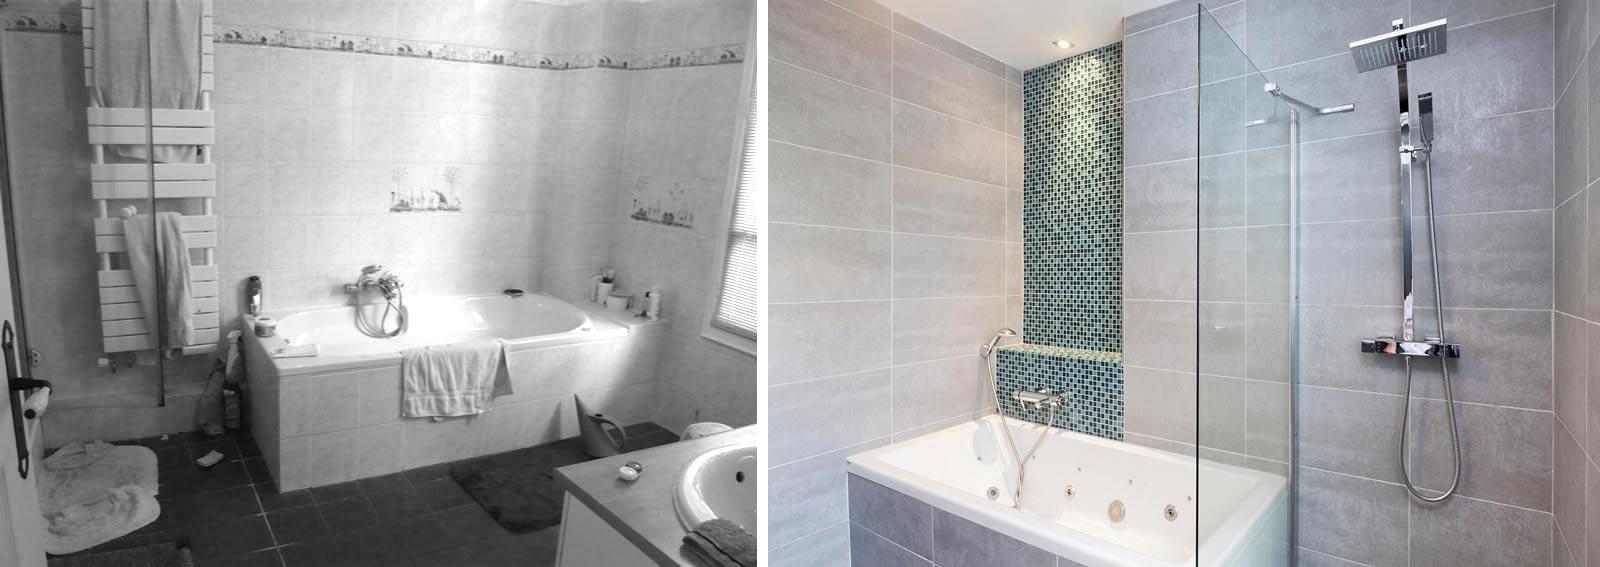 Aménagement intérieur et décoration d'une salle de bain